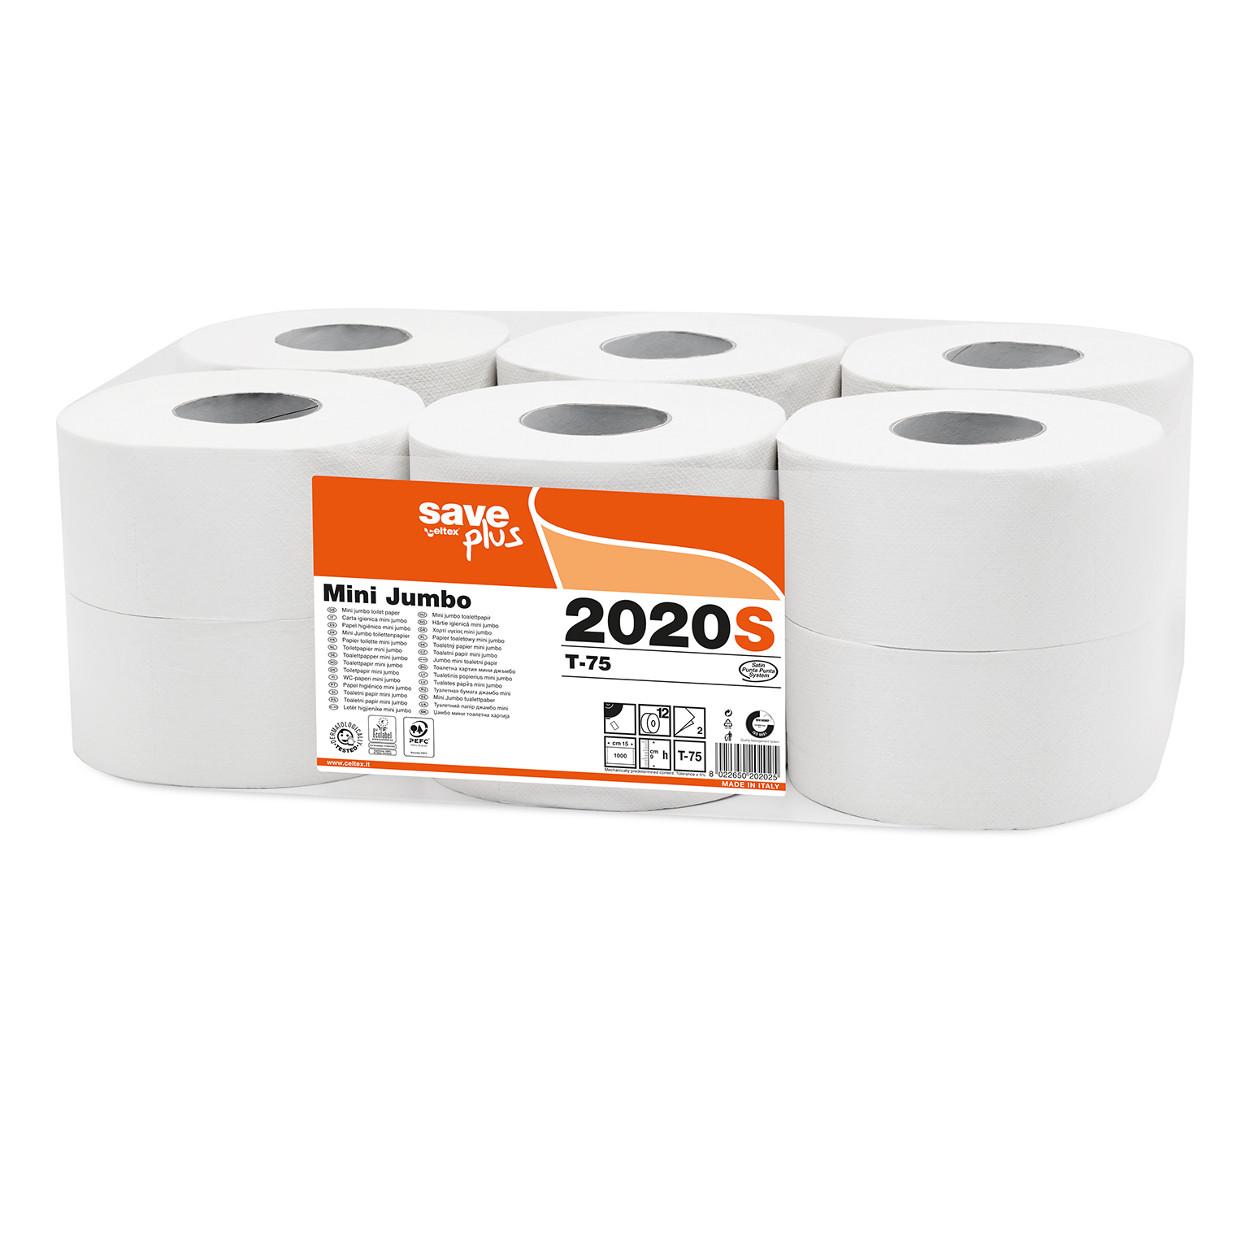 Toaletní papír Jumbo MINI Plus